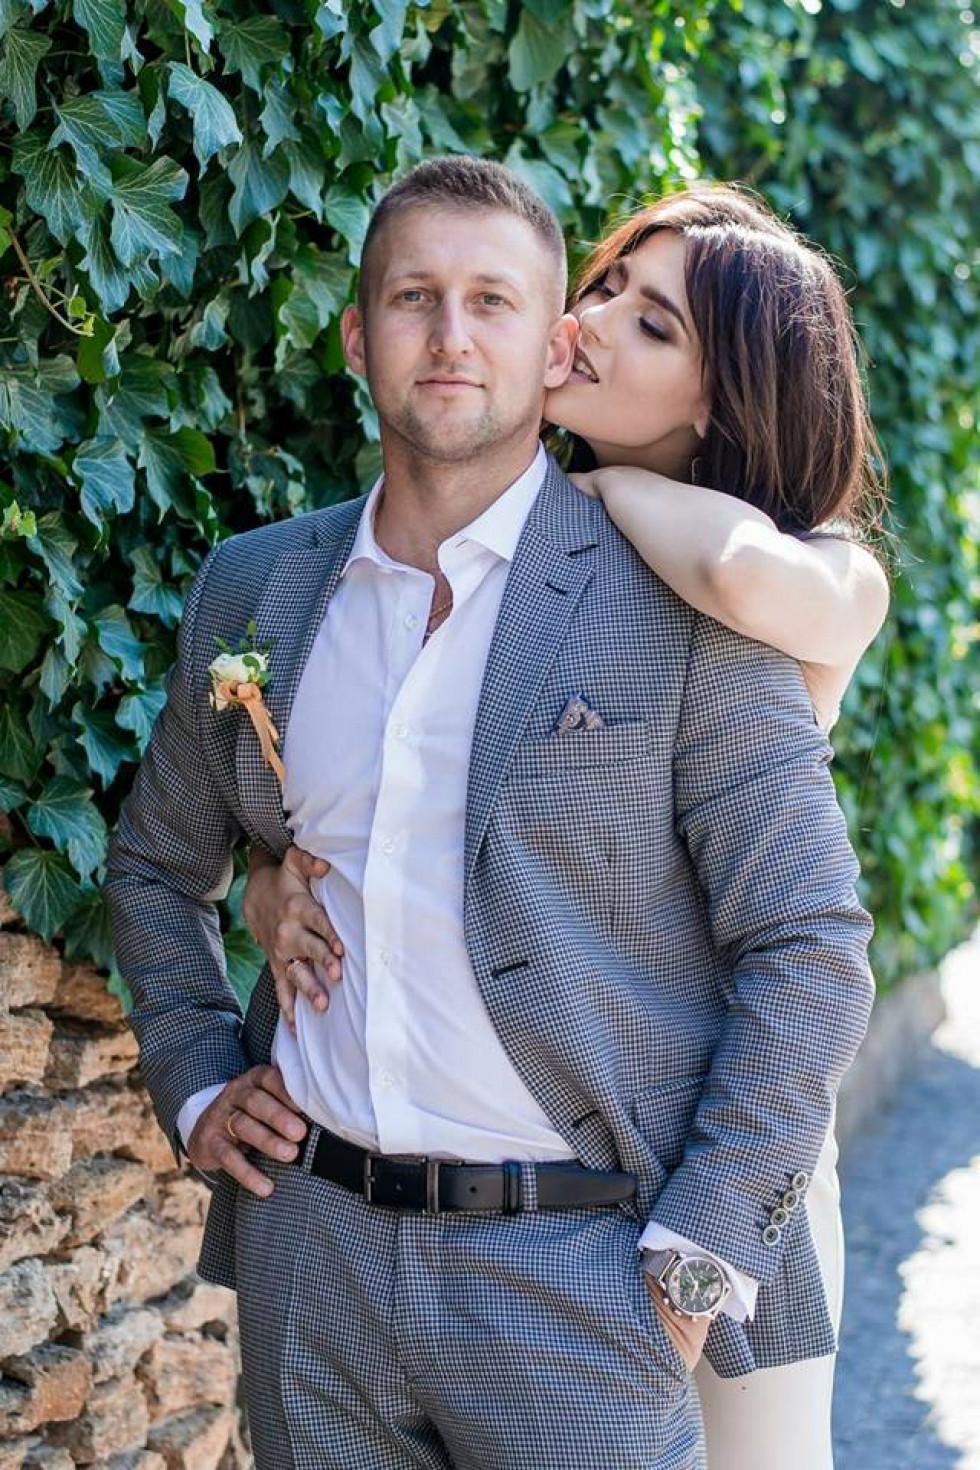 Син луцького депутата одружився